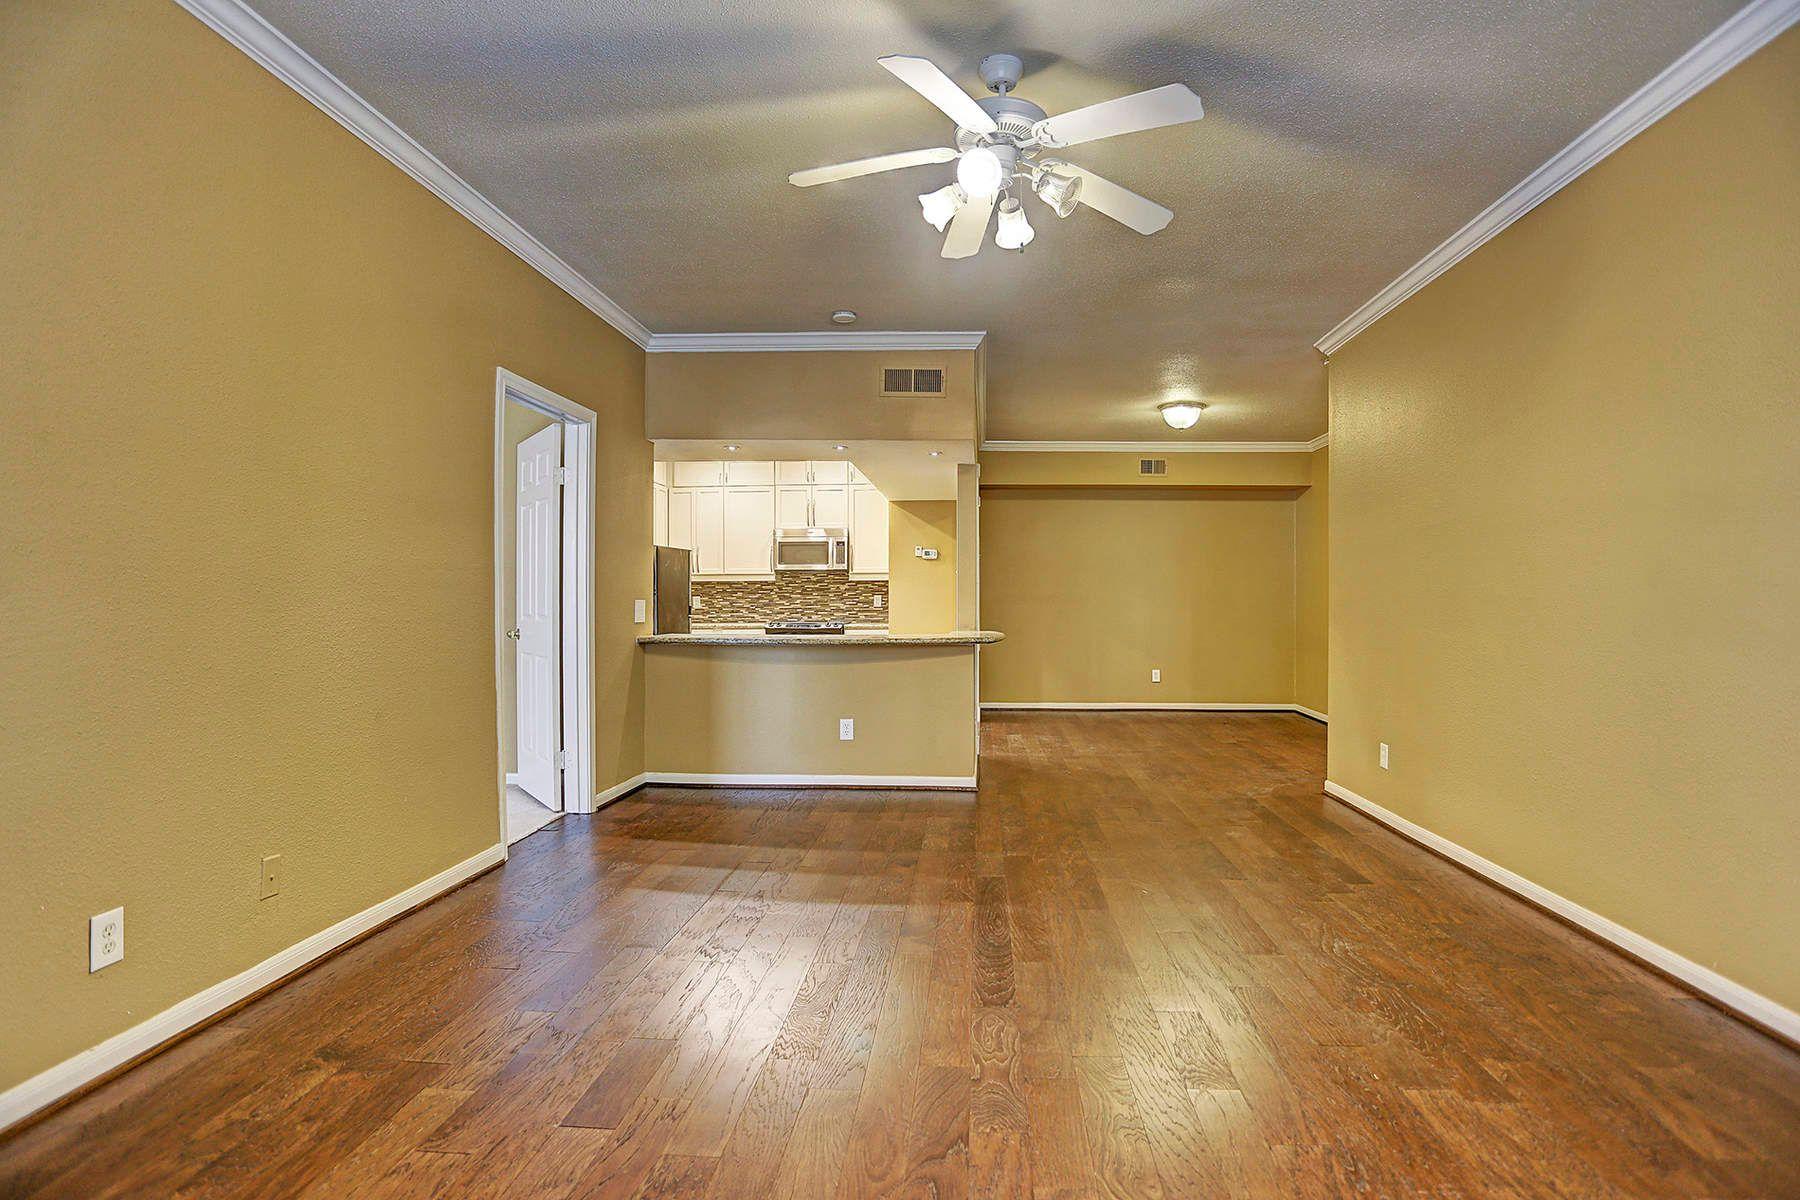 Кондоминиум для того Продажа на 2255 Braeswood Park Drive 2255 Braeswood Park Drive Unit 173, Houston, Техас, 77030 Соединенные Штаты